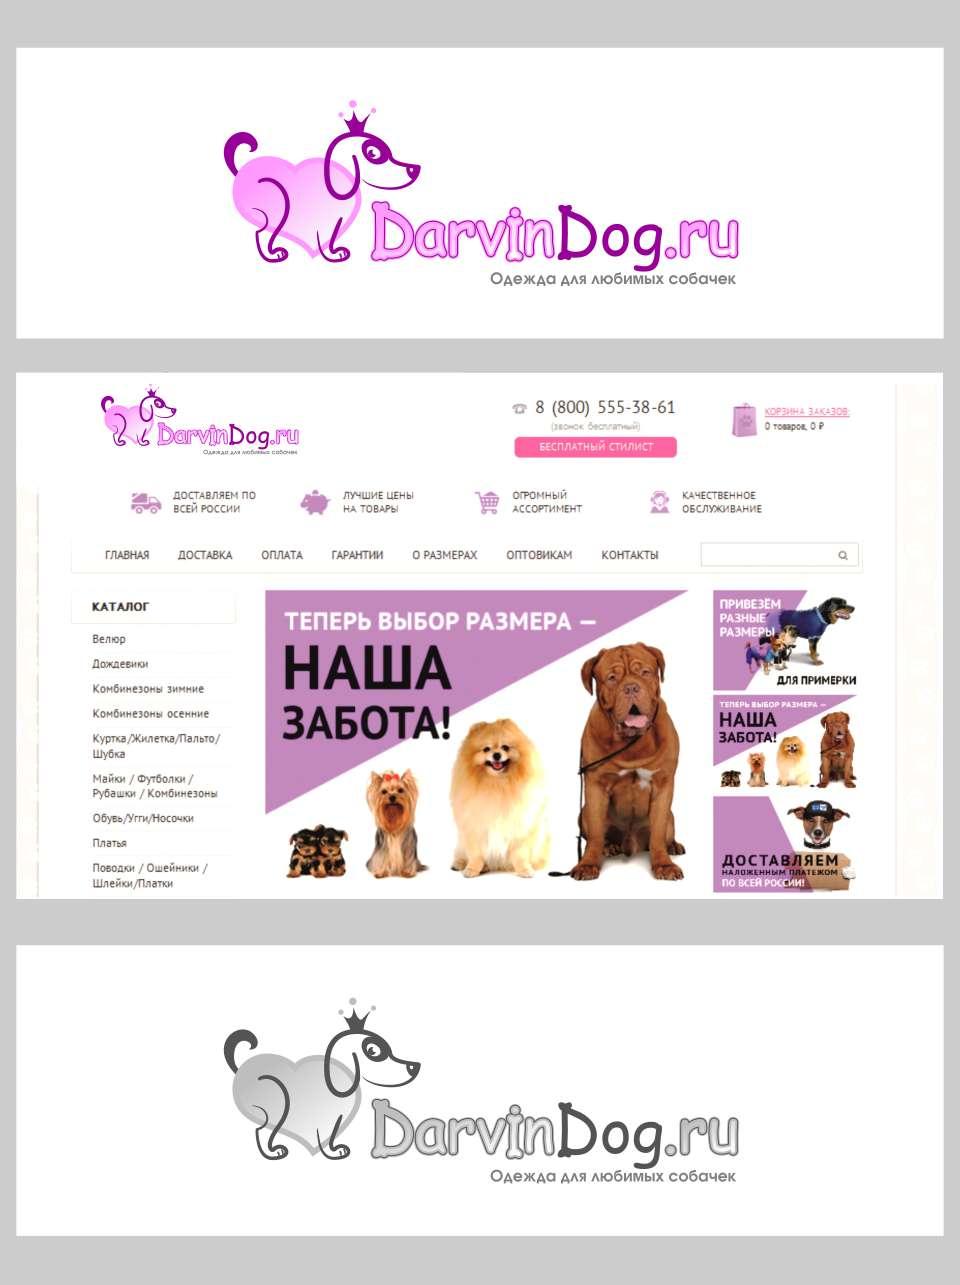 Создать логотип для интернет магазина одежды для собак фото f_85756520838edf33.jpg